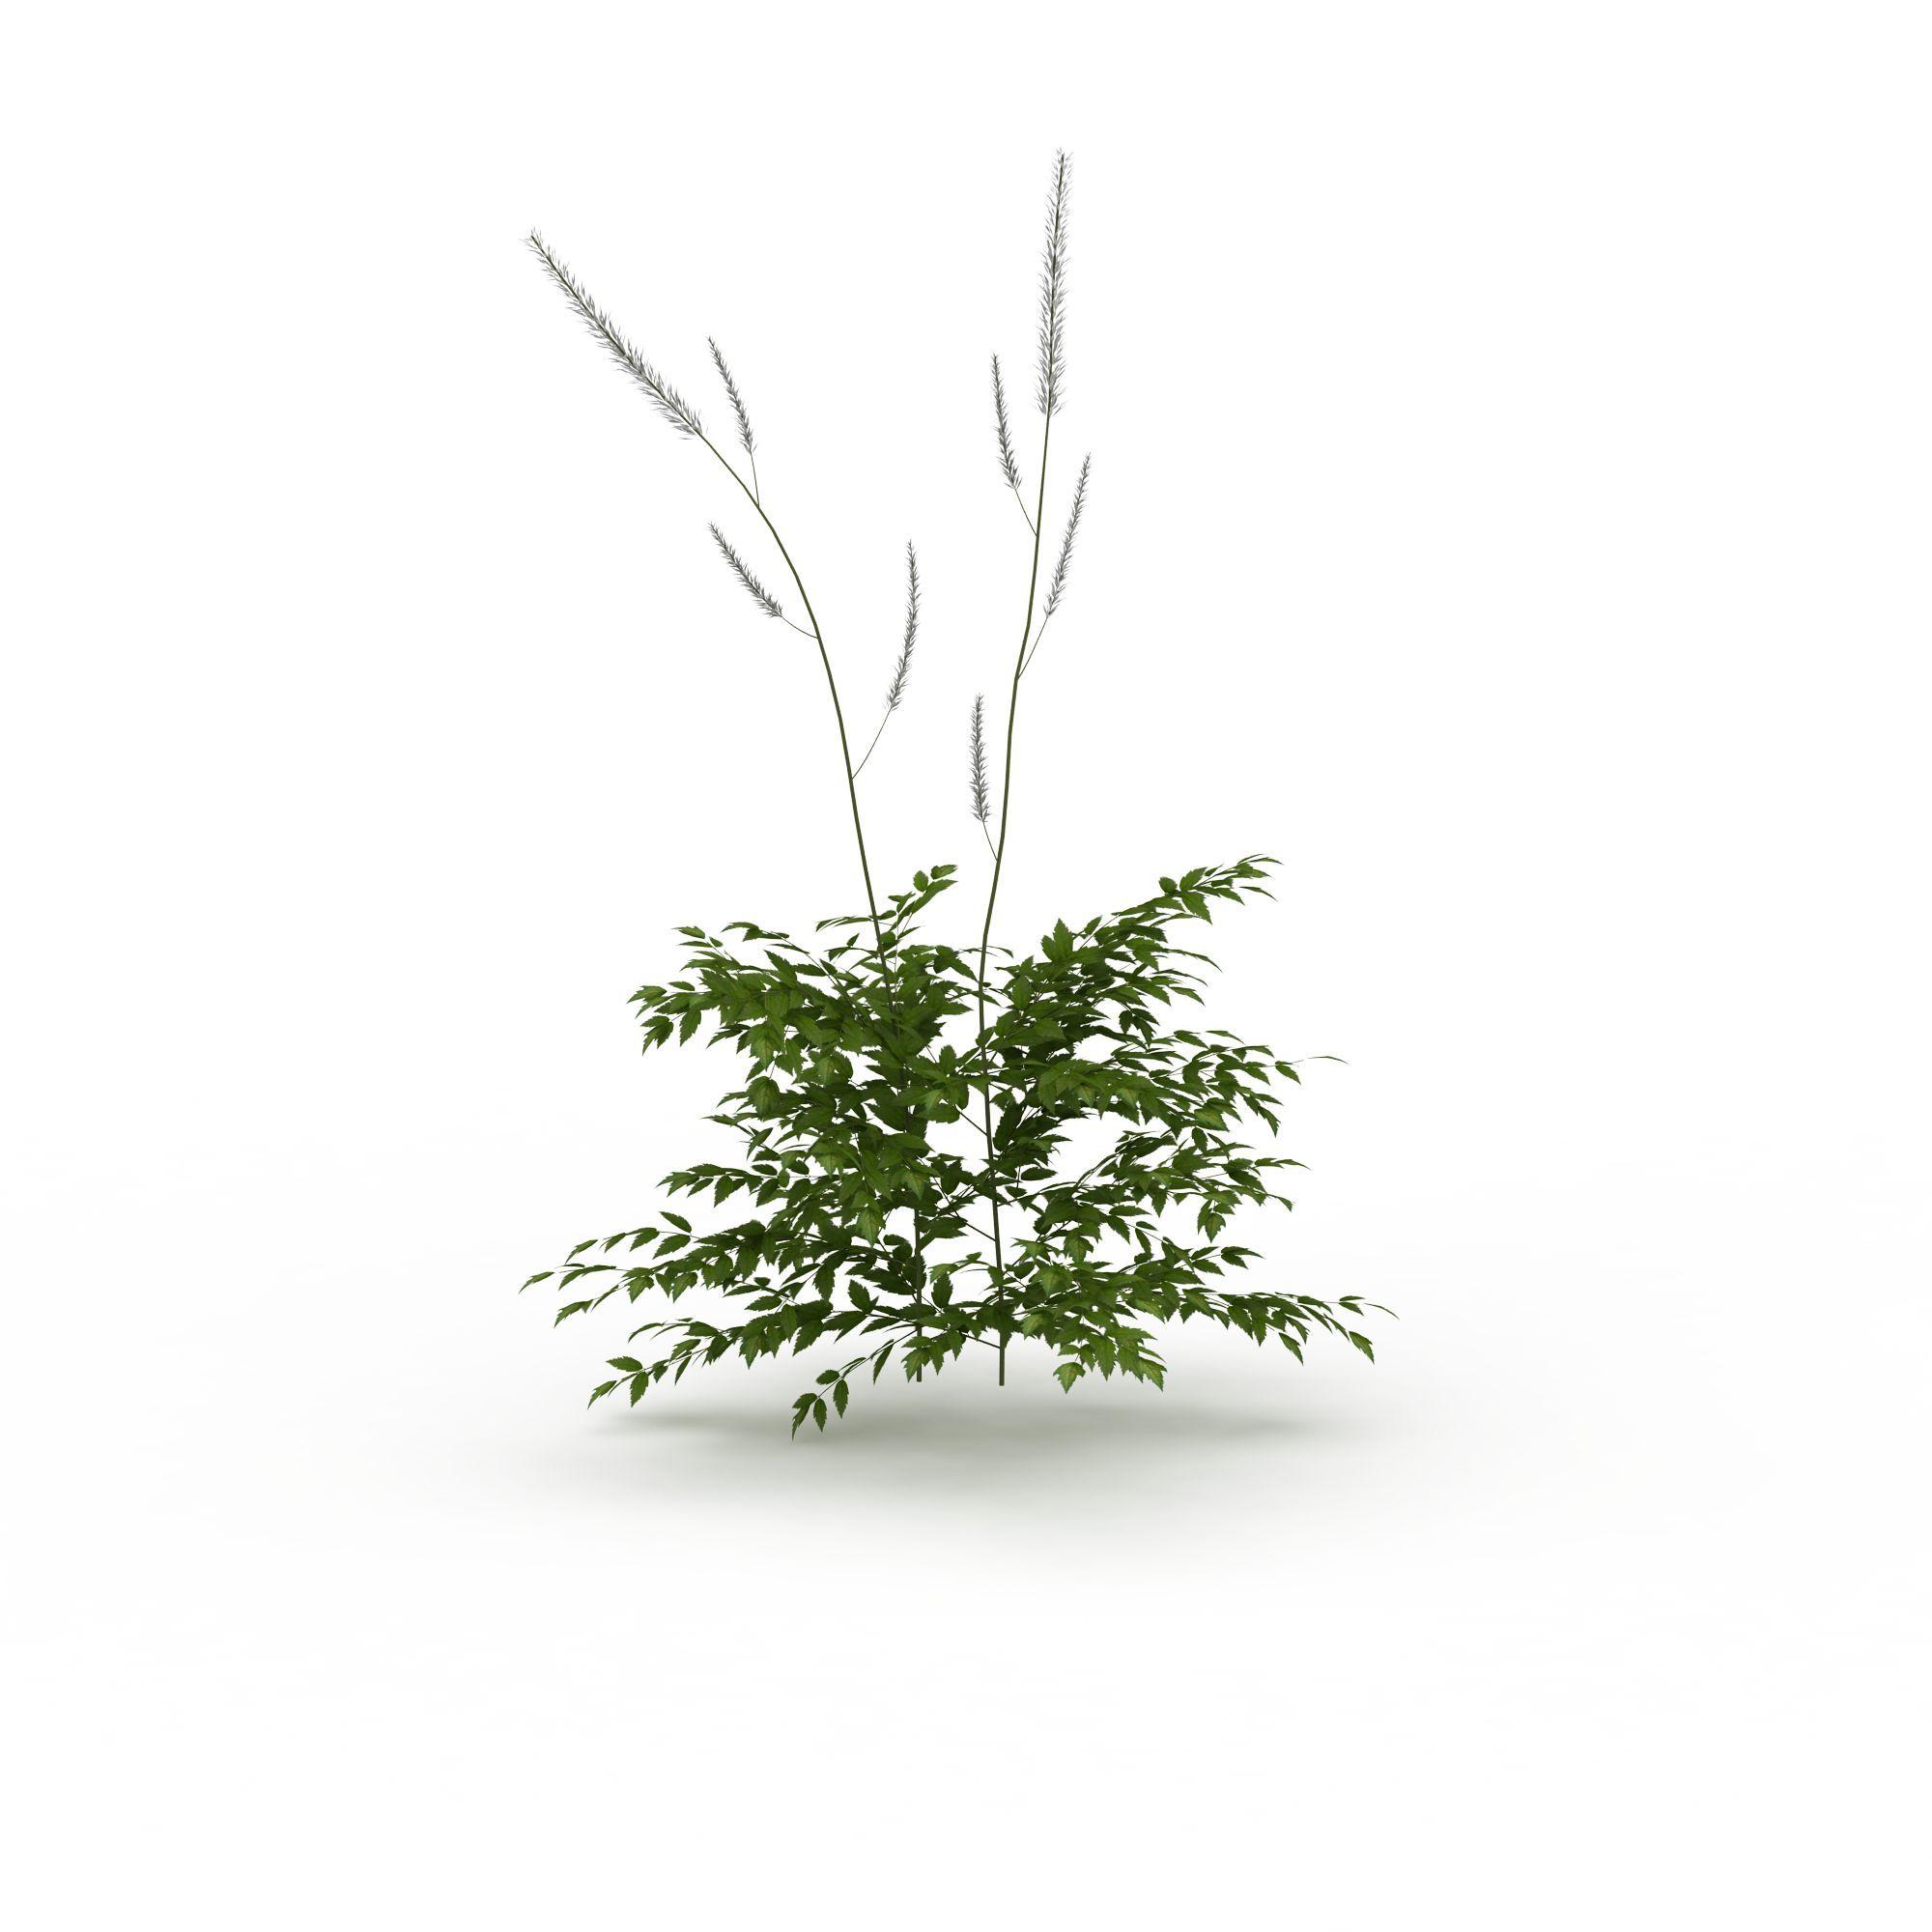 小树图片_小树png图片素材_小树png高清图下载